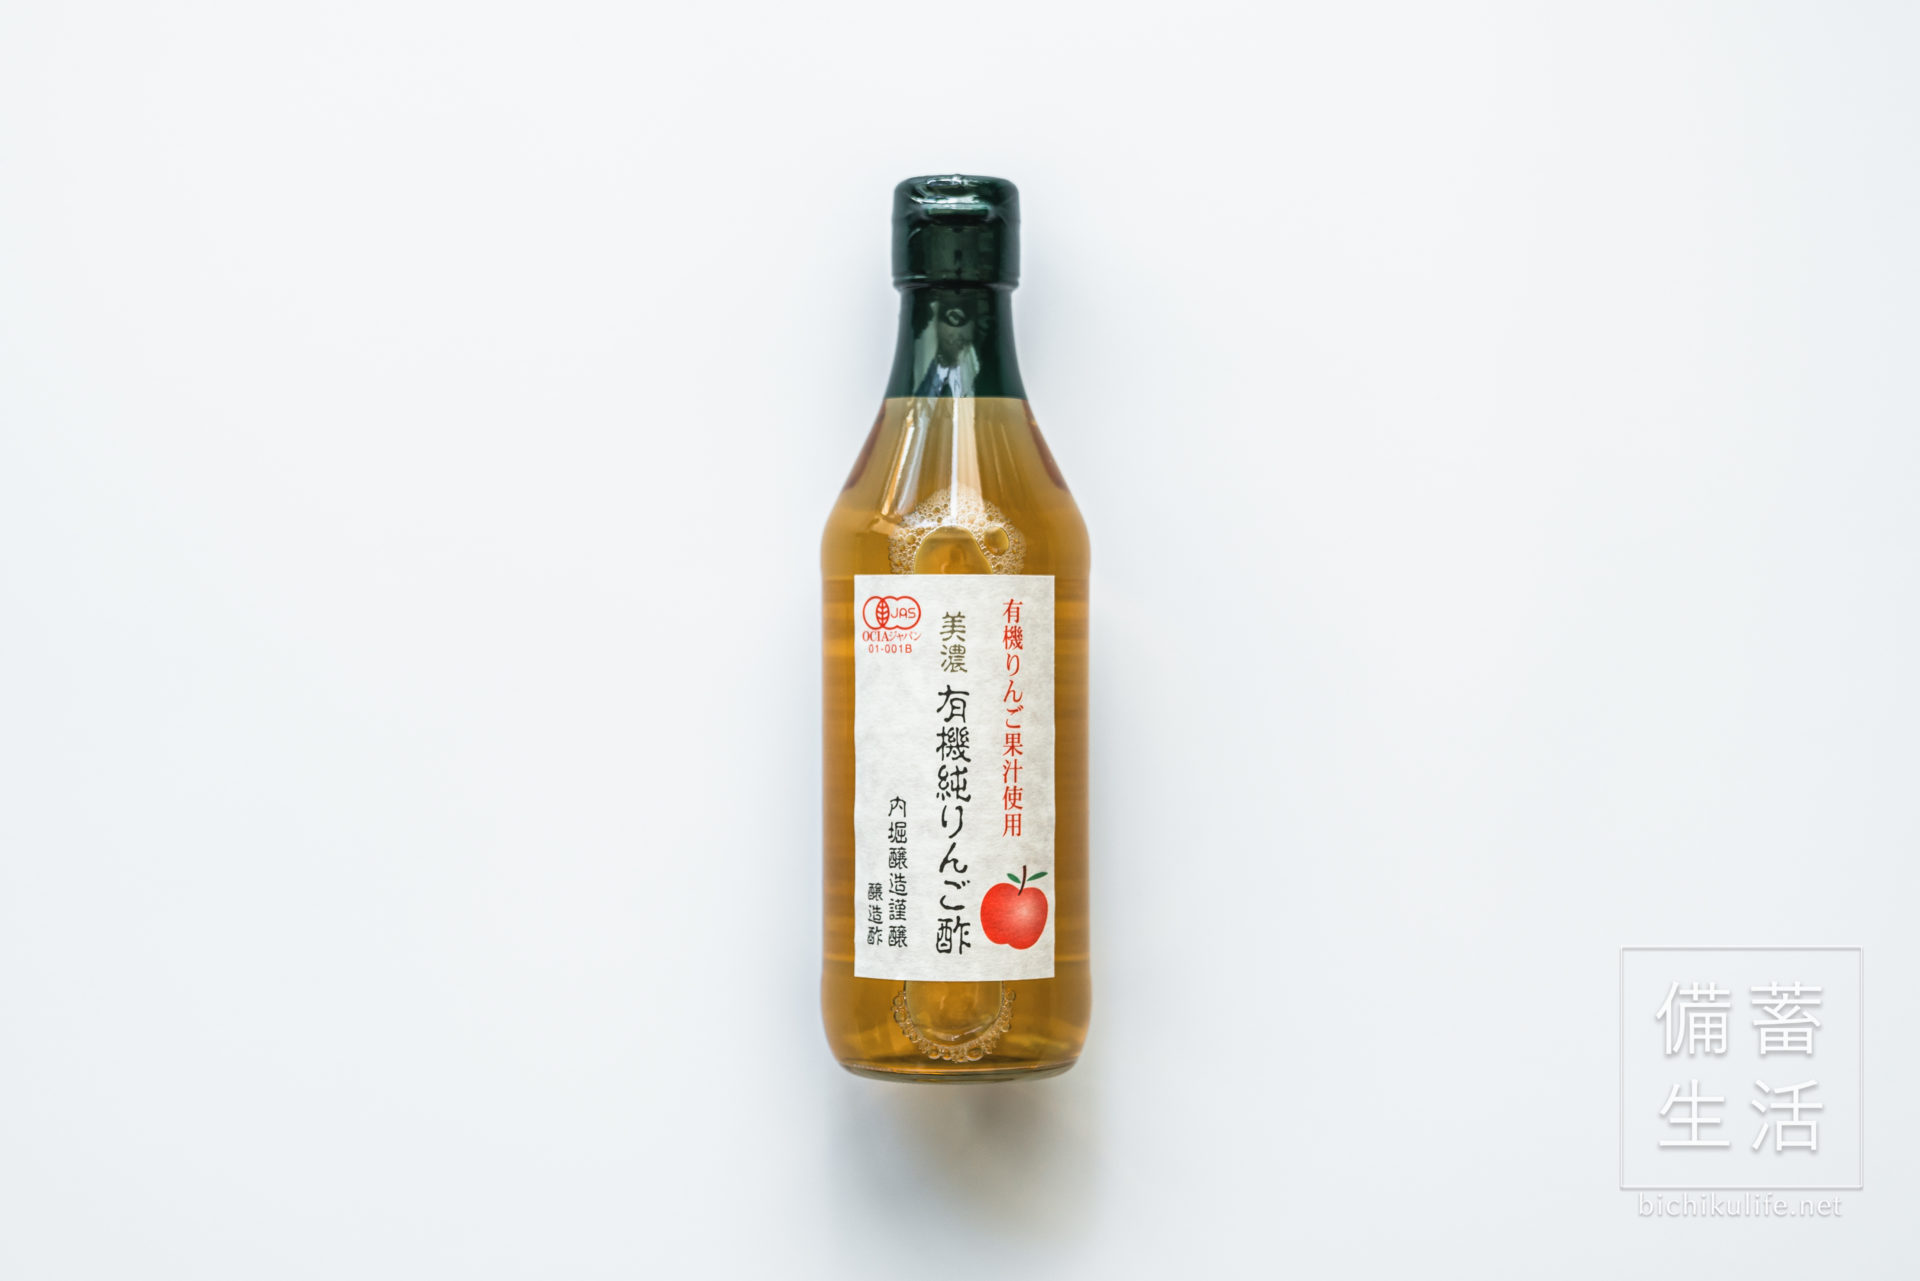 美濃有機純りんご酢 内堀醸造